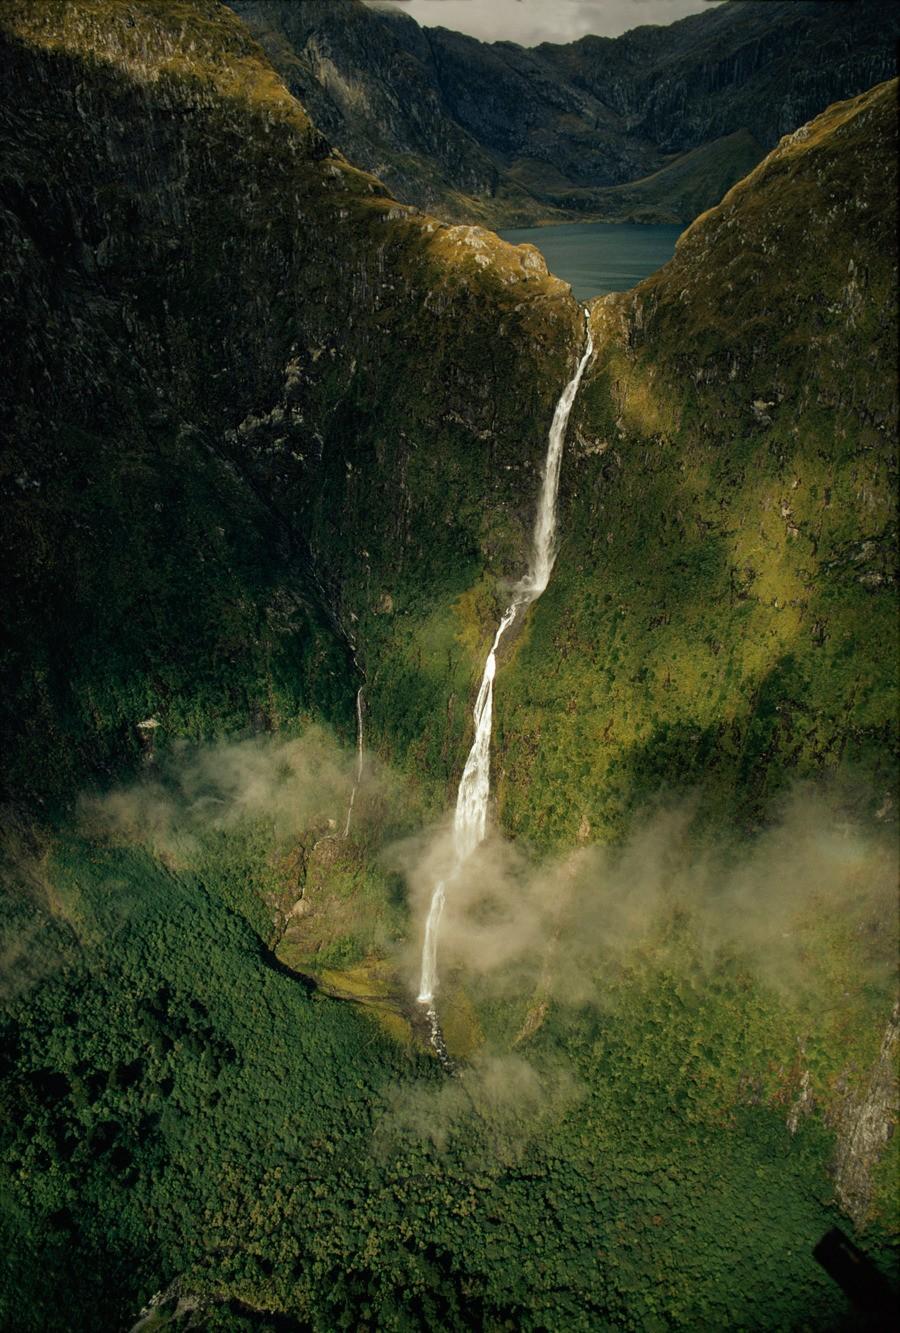 Водопад Сазерленд высотой 580 метров в Новой Зеландии, 1972. Фотограф Джеймс Л. Эймос